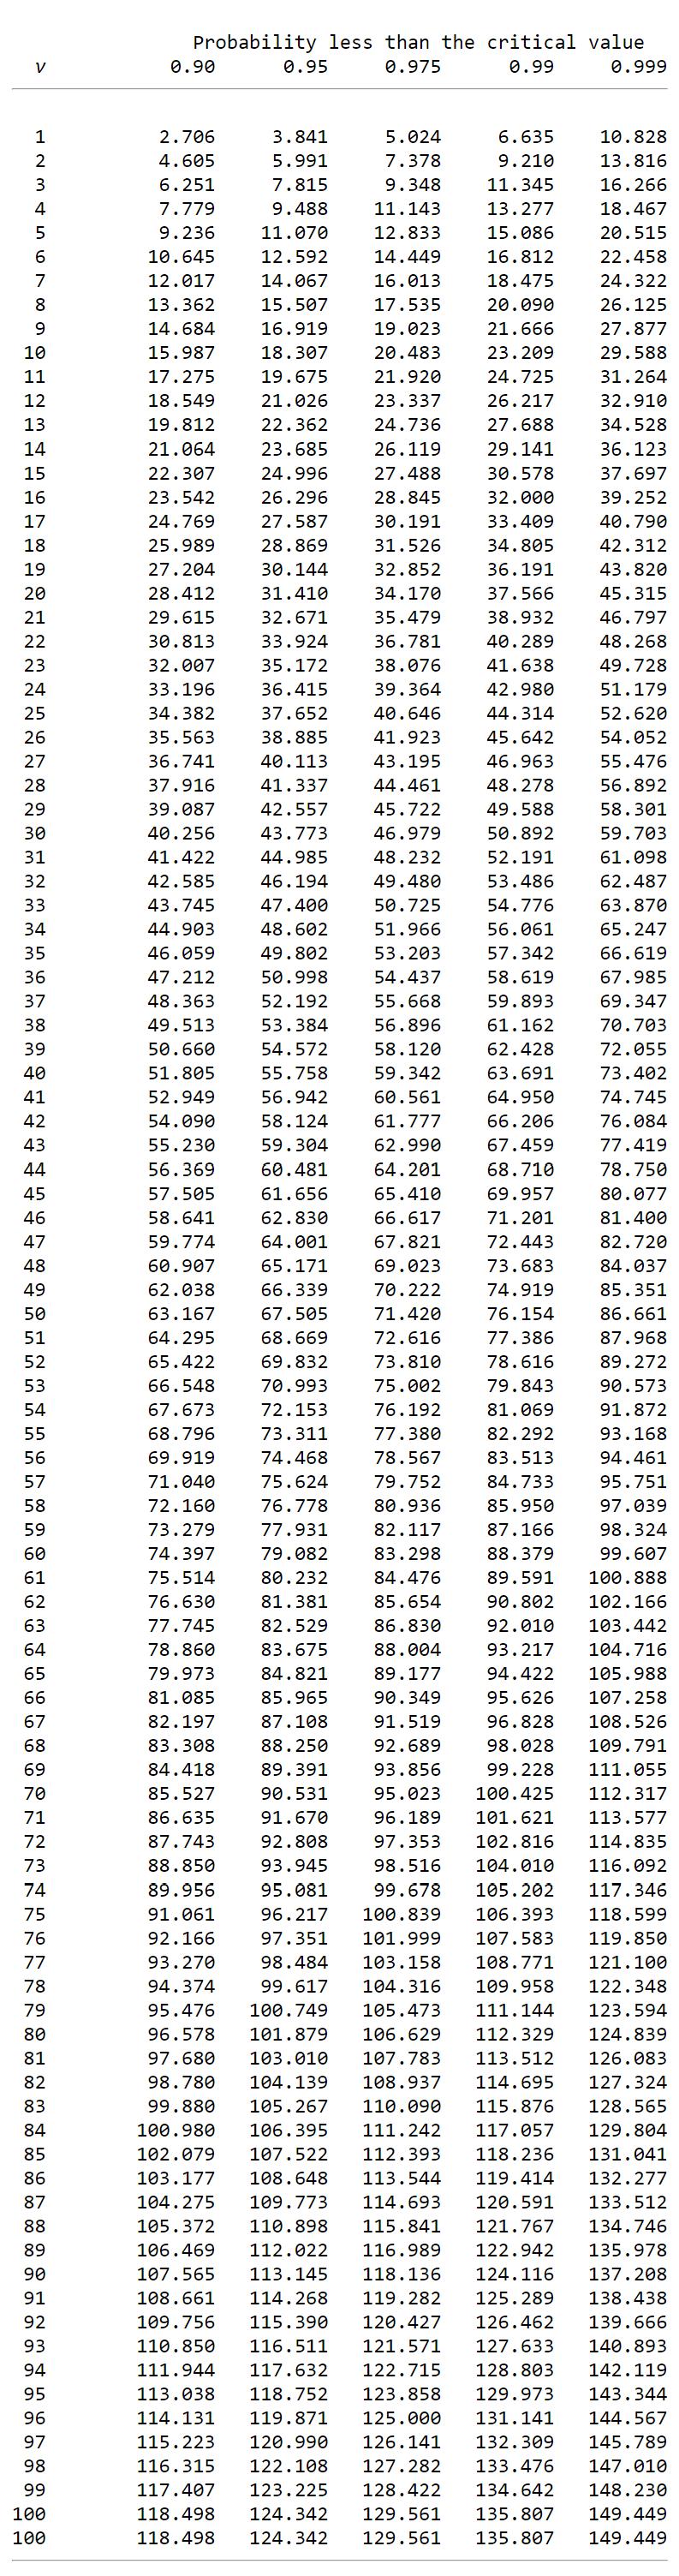 جدول توزیع کای دو دنباله راست